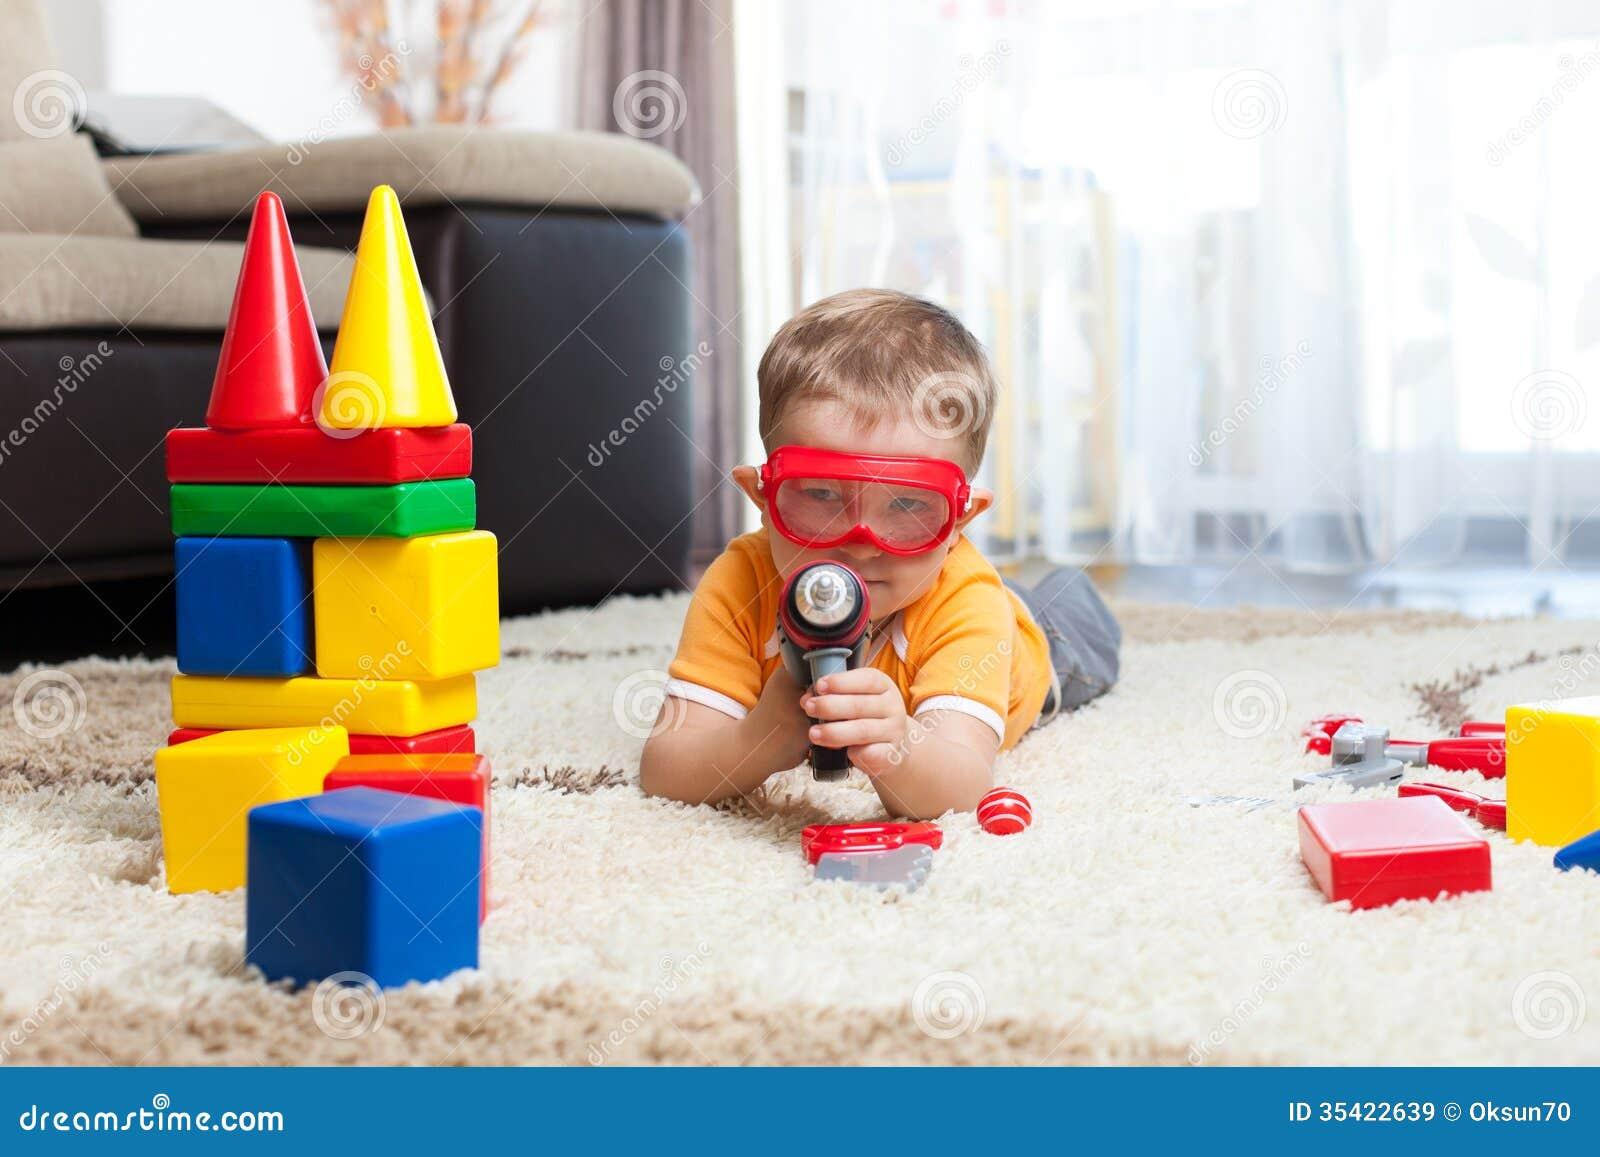 Żartuje chłopiec bawić się z elementami i ono wyobraża sobie bohater